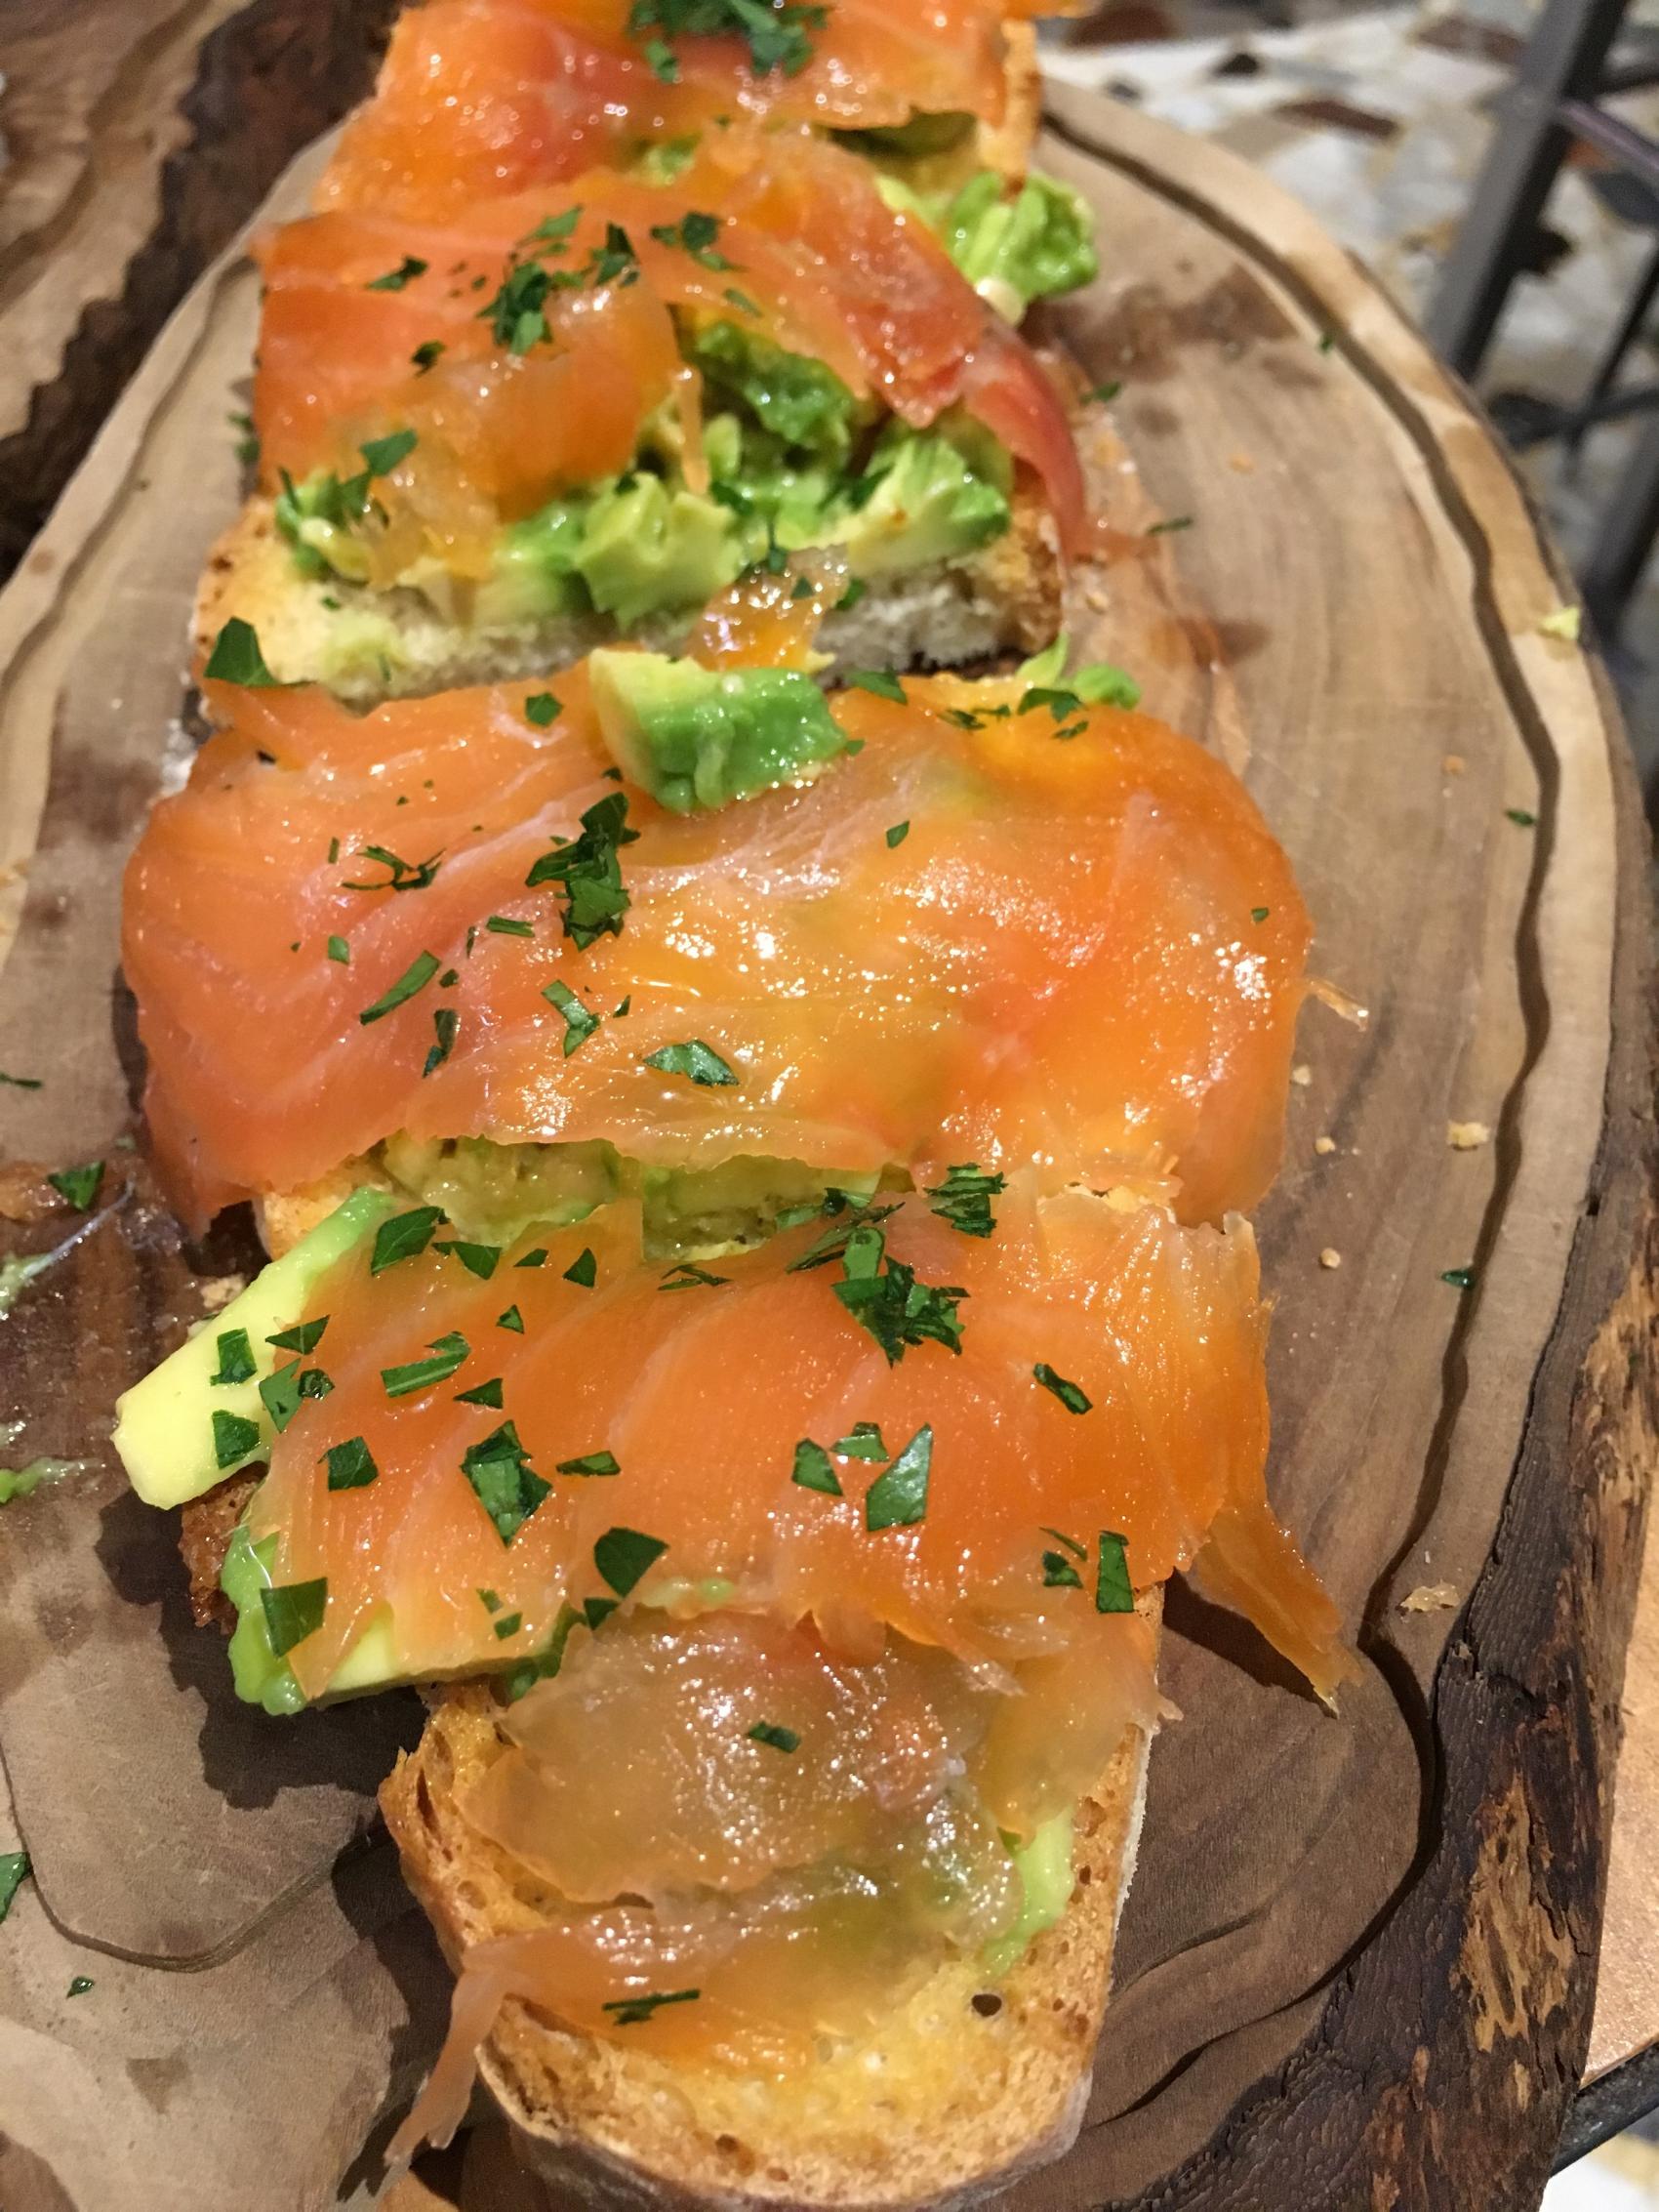 Smoked salmon with avocado on crostini